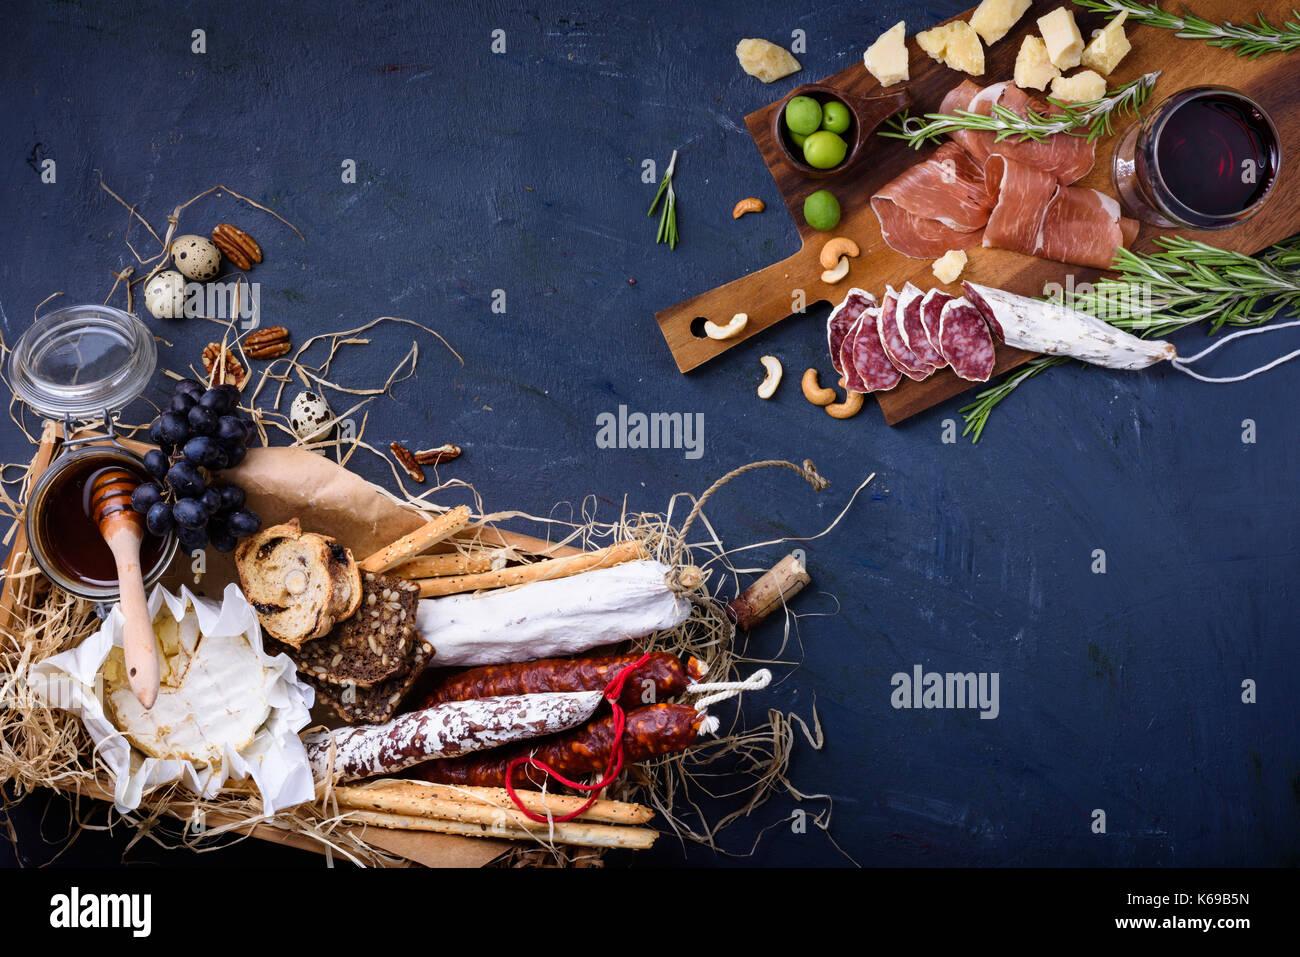 Vorspeise Vorspeise mit Trauben und Oliven. Sortiment von Fleisch und Käse Snacks. Ansicht von oben, kopieren. Stockbild